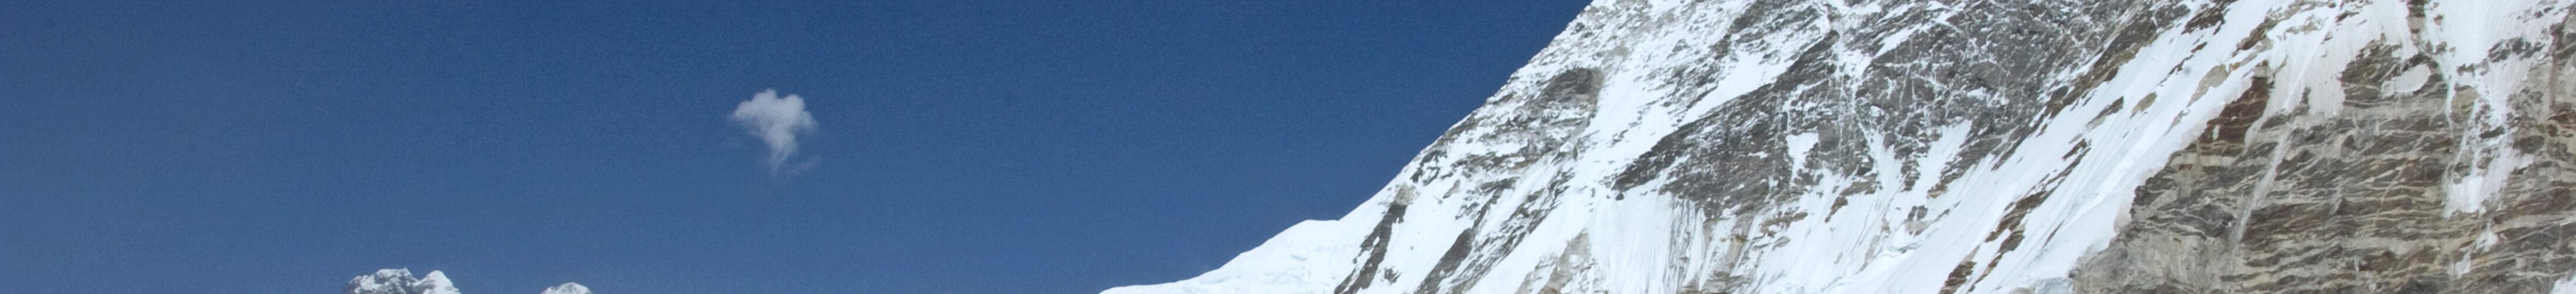 Mount Everest højde